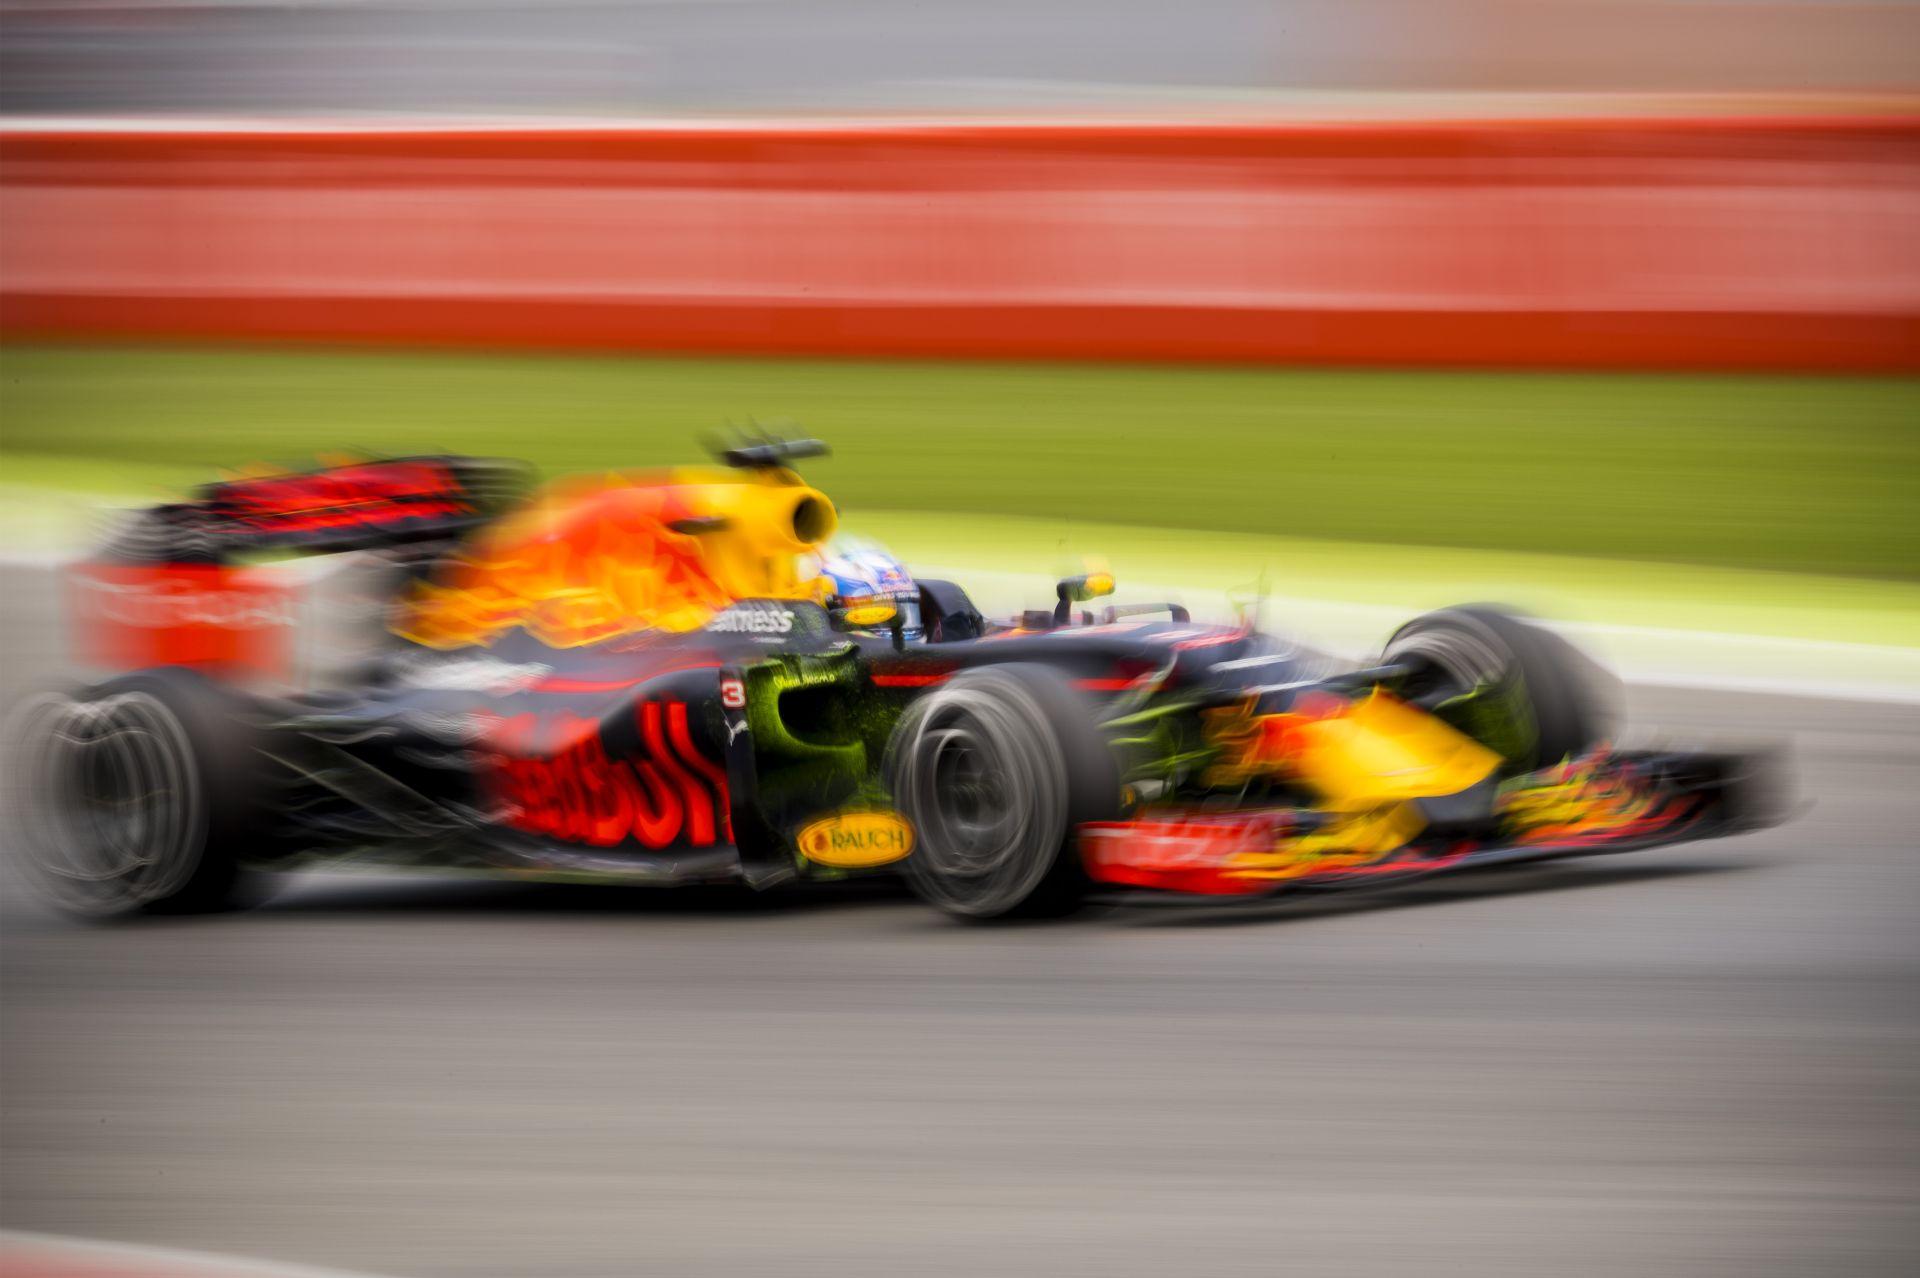 Ricciardo szerint a Red Bull nem nyerette meg a Spanyol Nagydíjat Verstappennel